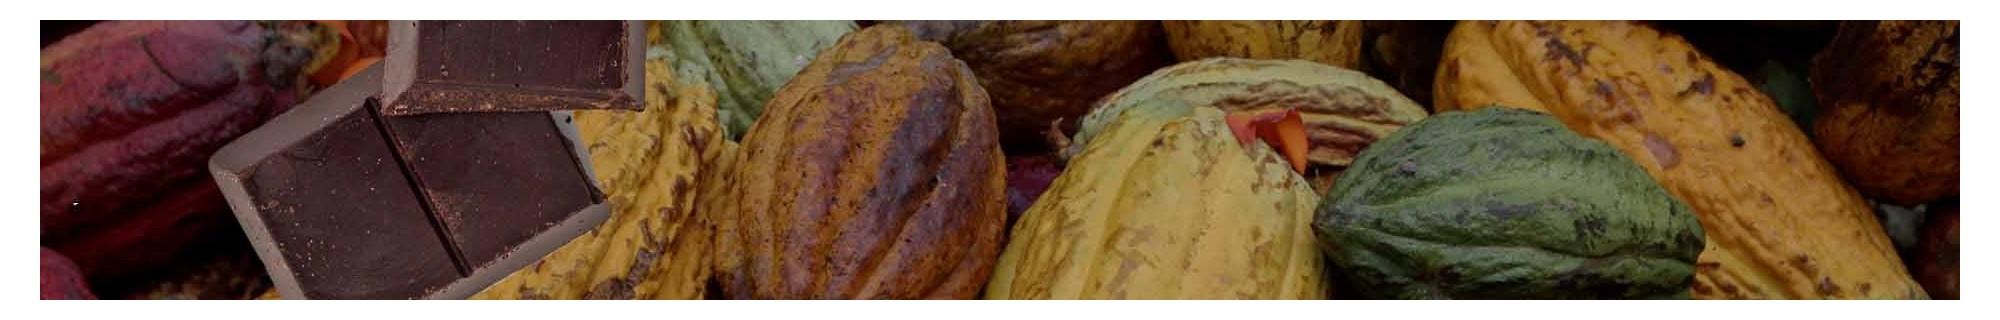 Cioccolato di Modica e Cioccolatini di Modica igp - Vendita Online